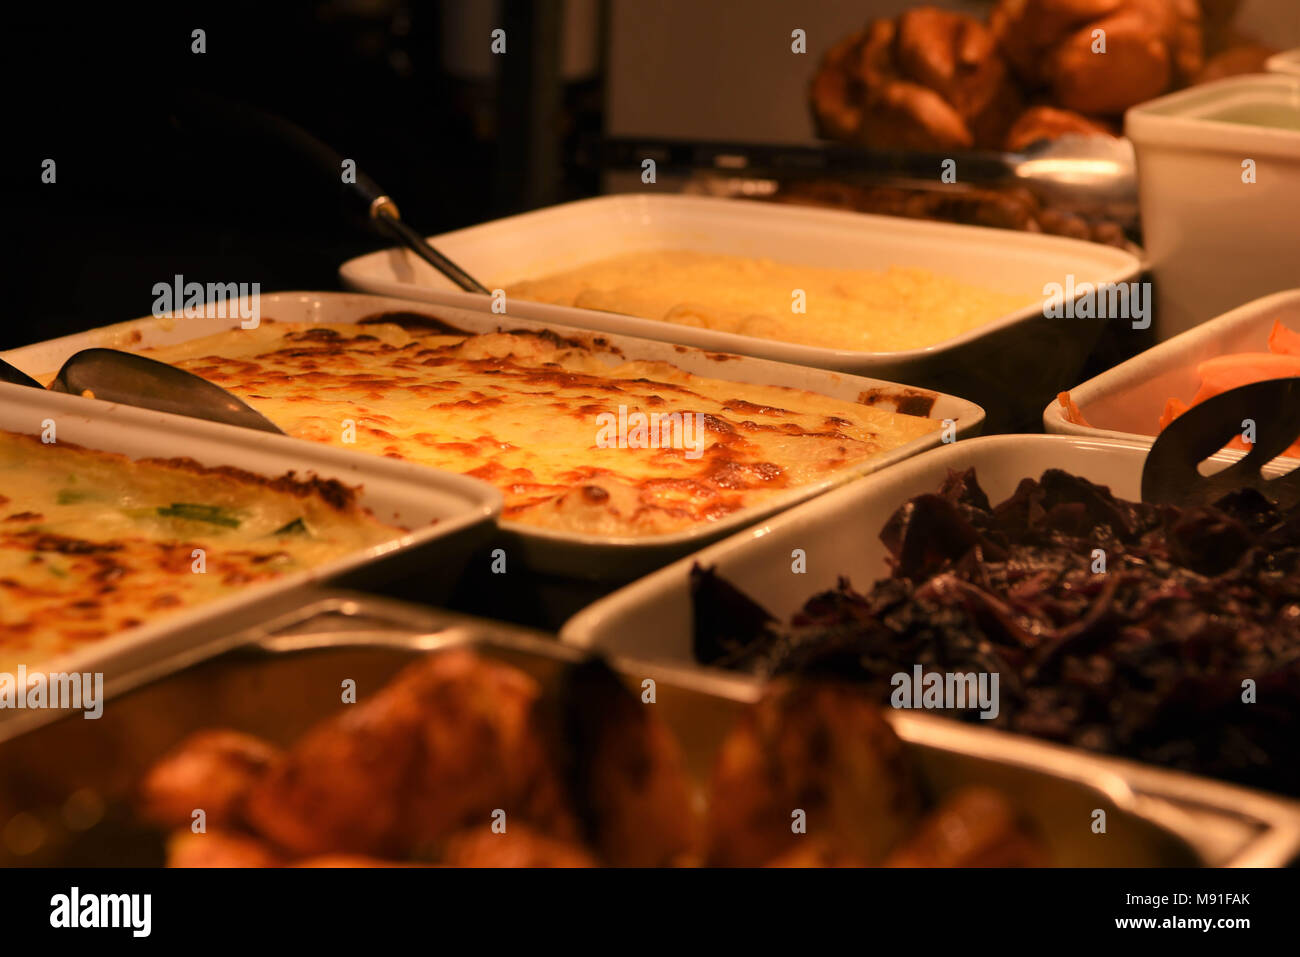 Deliciosos cocidos coliflor queso y verduras cena asado listo para comer Imagen De Stock